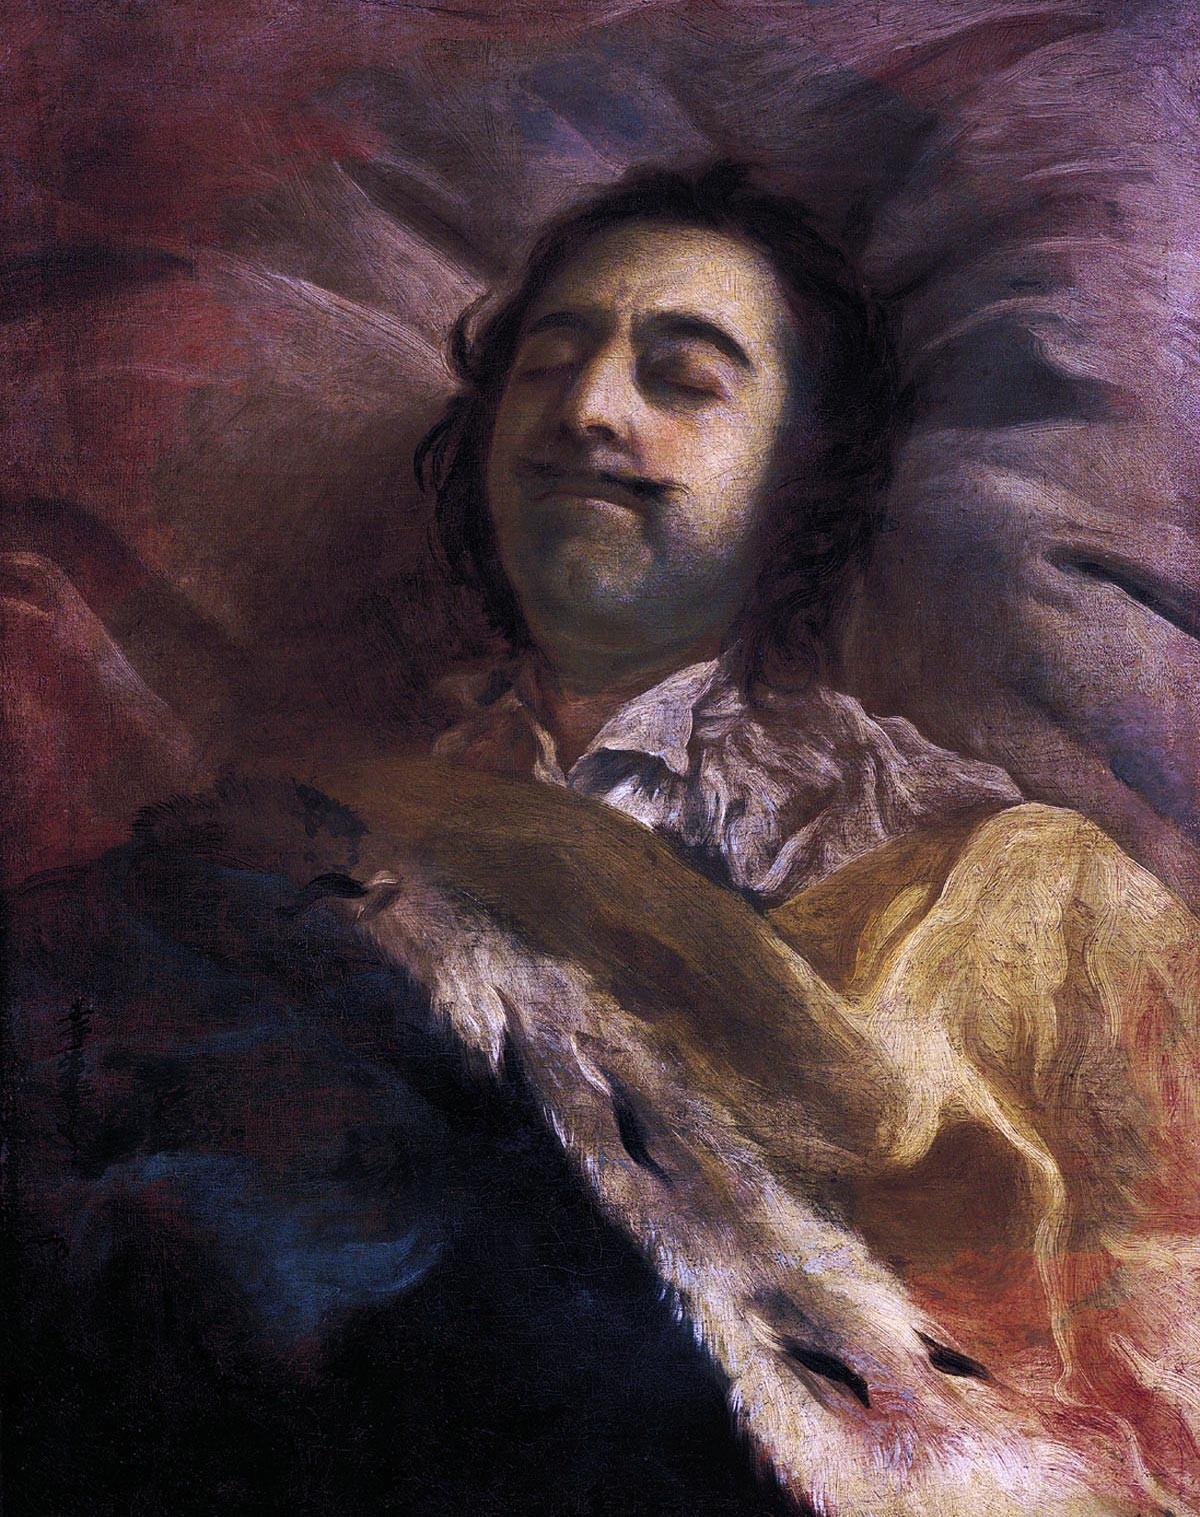 Lukisan 'Pyotr yang Agung di ranjang kematiannya' karya Ivan Nikitin.